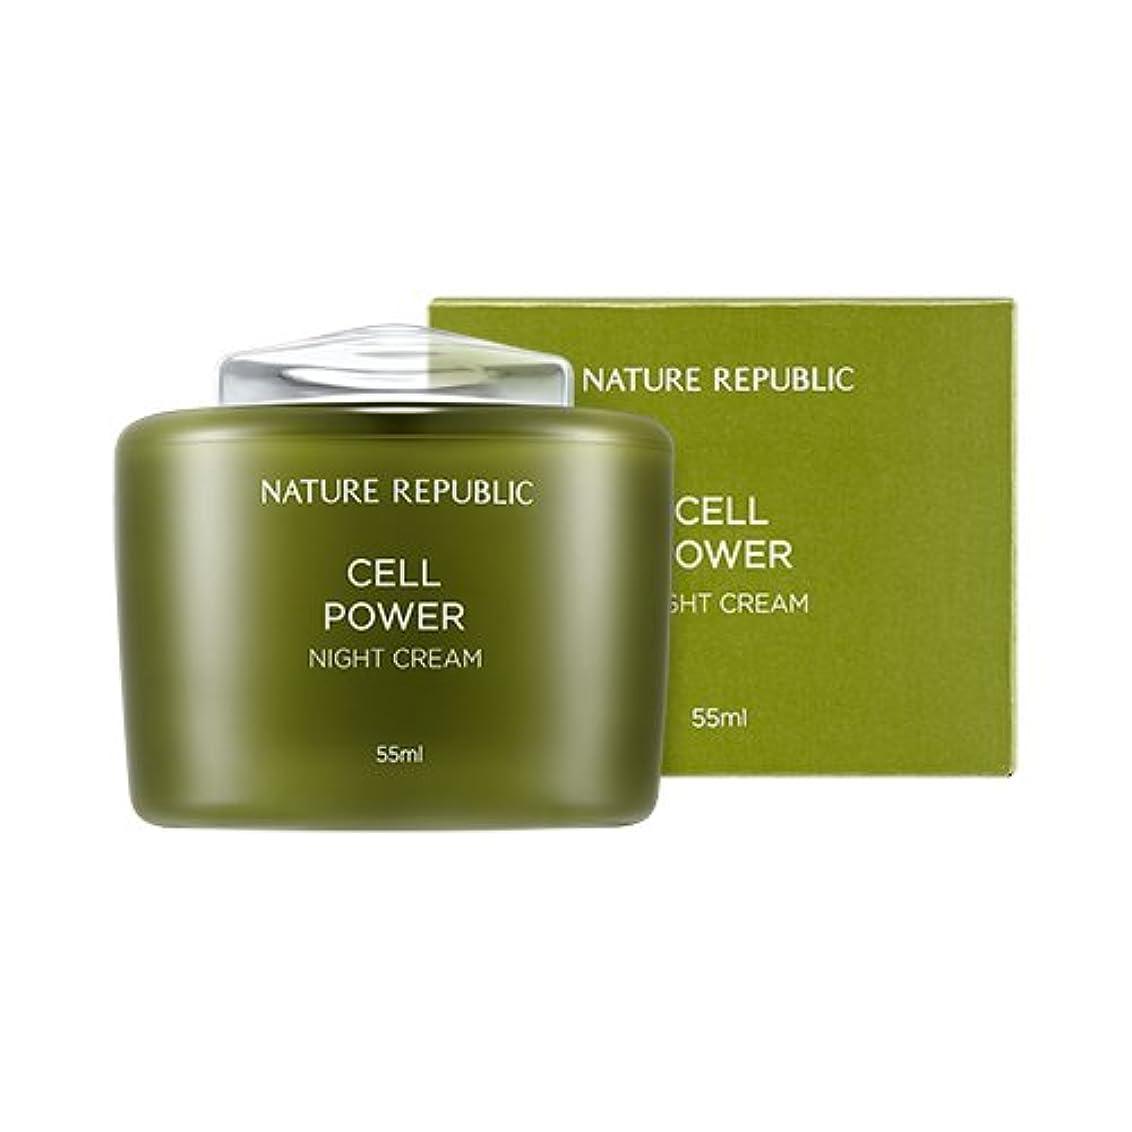 句怒る威するNature Republic Cell Power Night Cream ネイチャーリパブリックセルパワーナイトクリーム [並行輸入品]